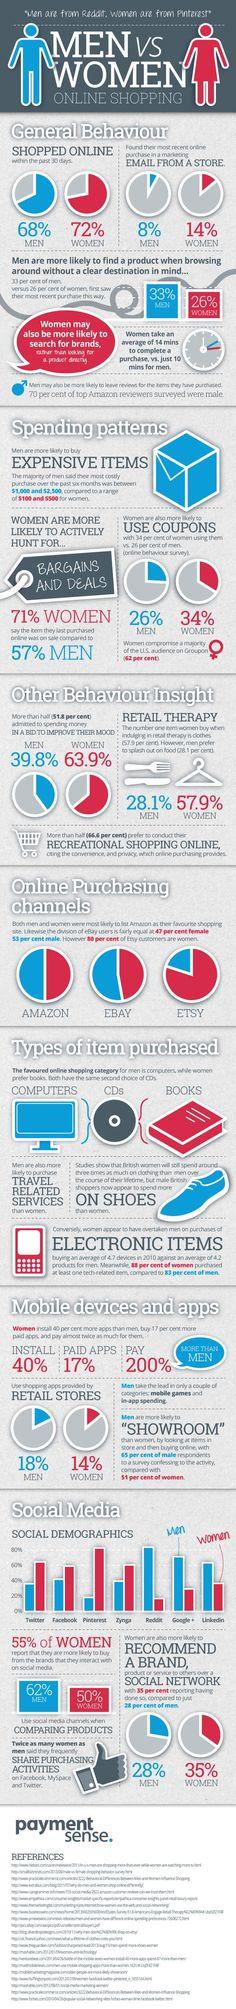 Men vs Women Online Shopping